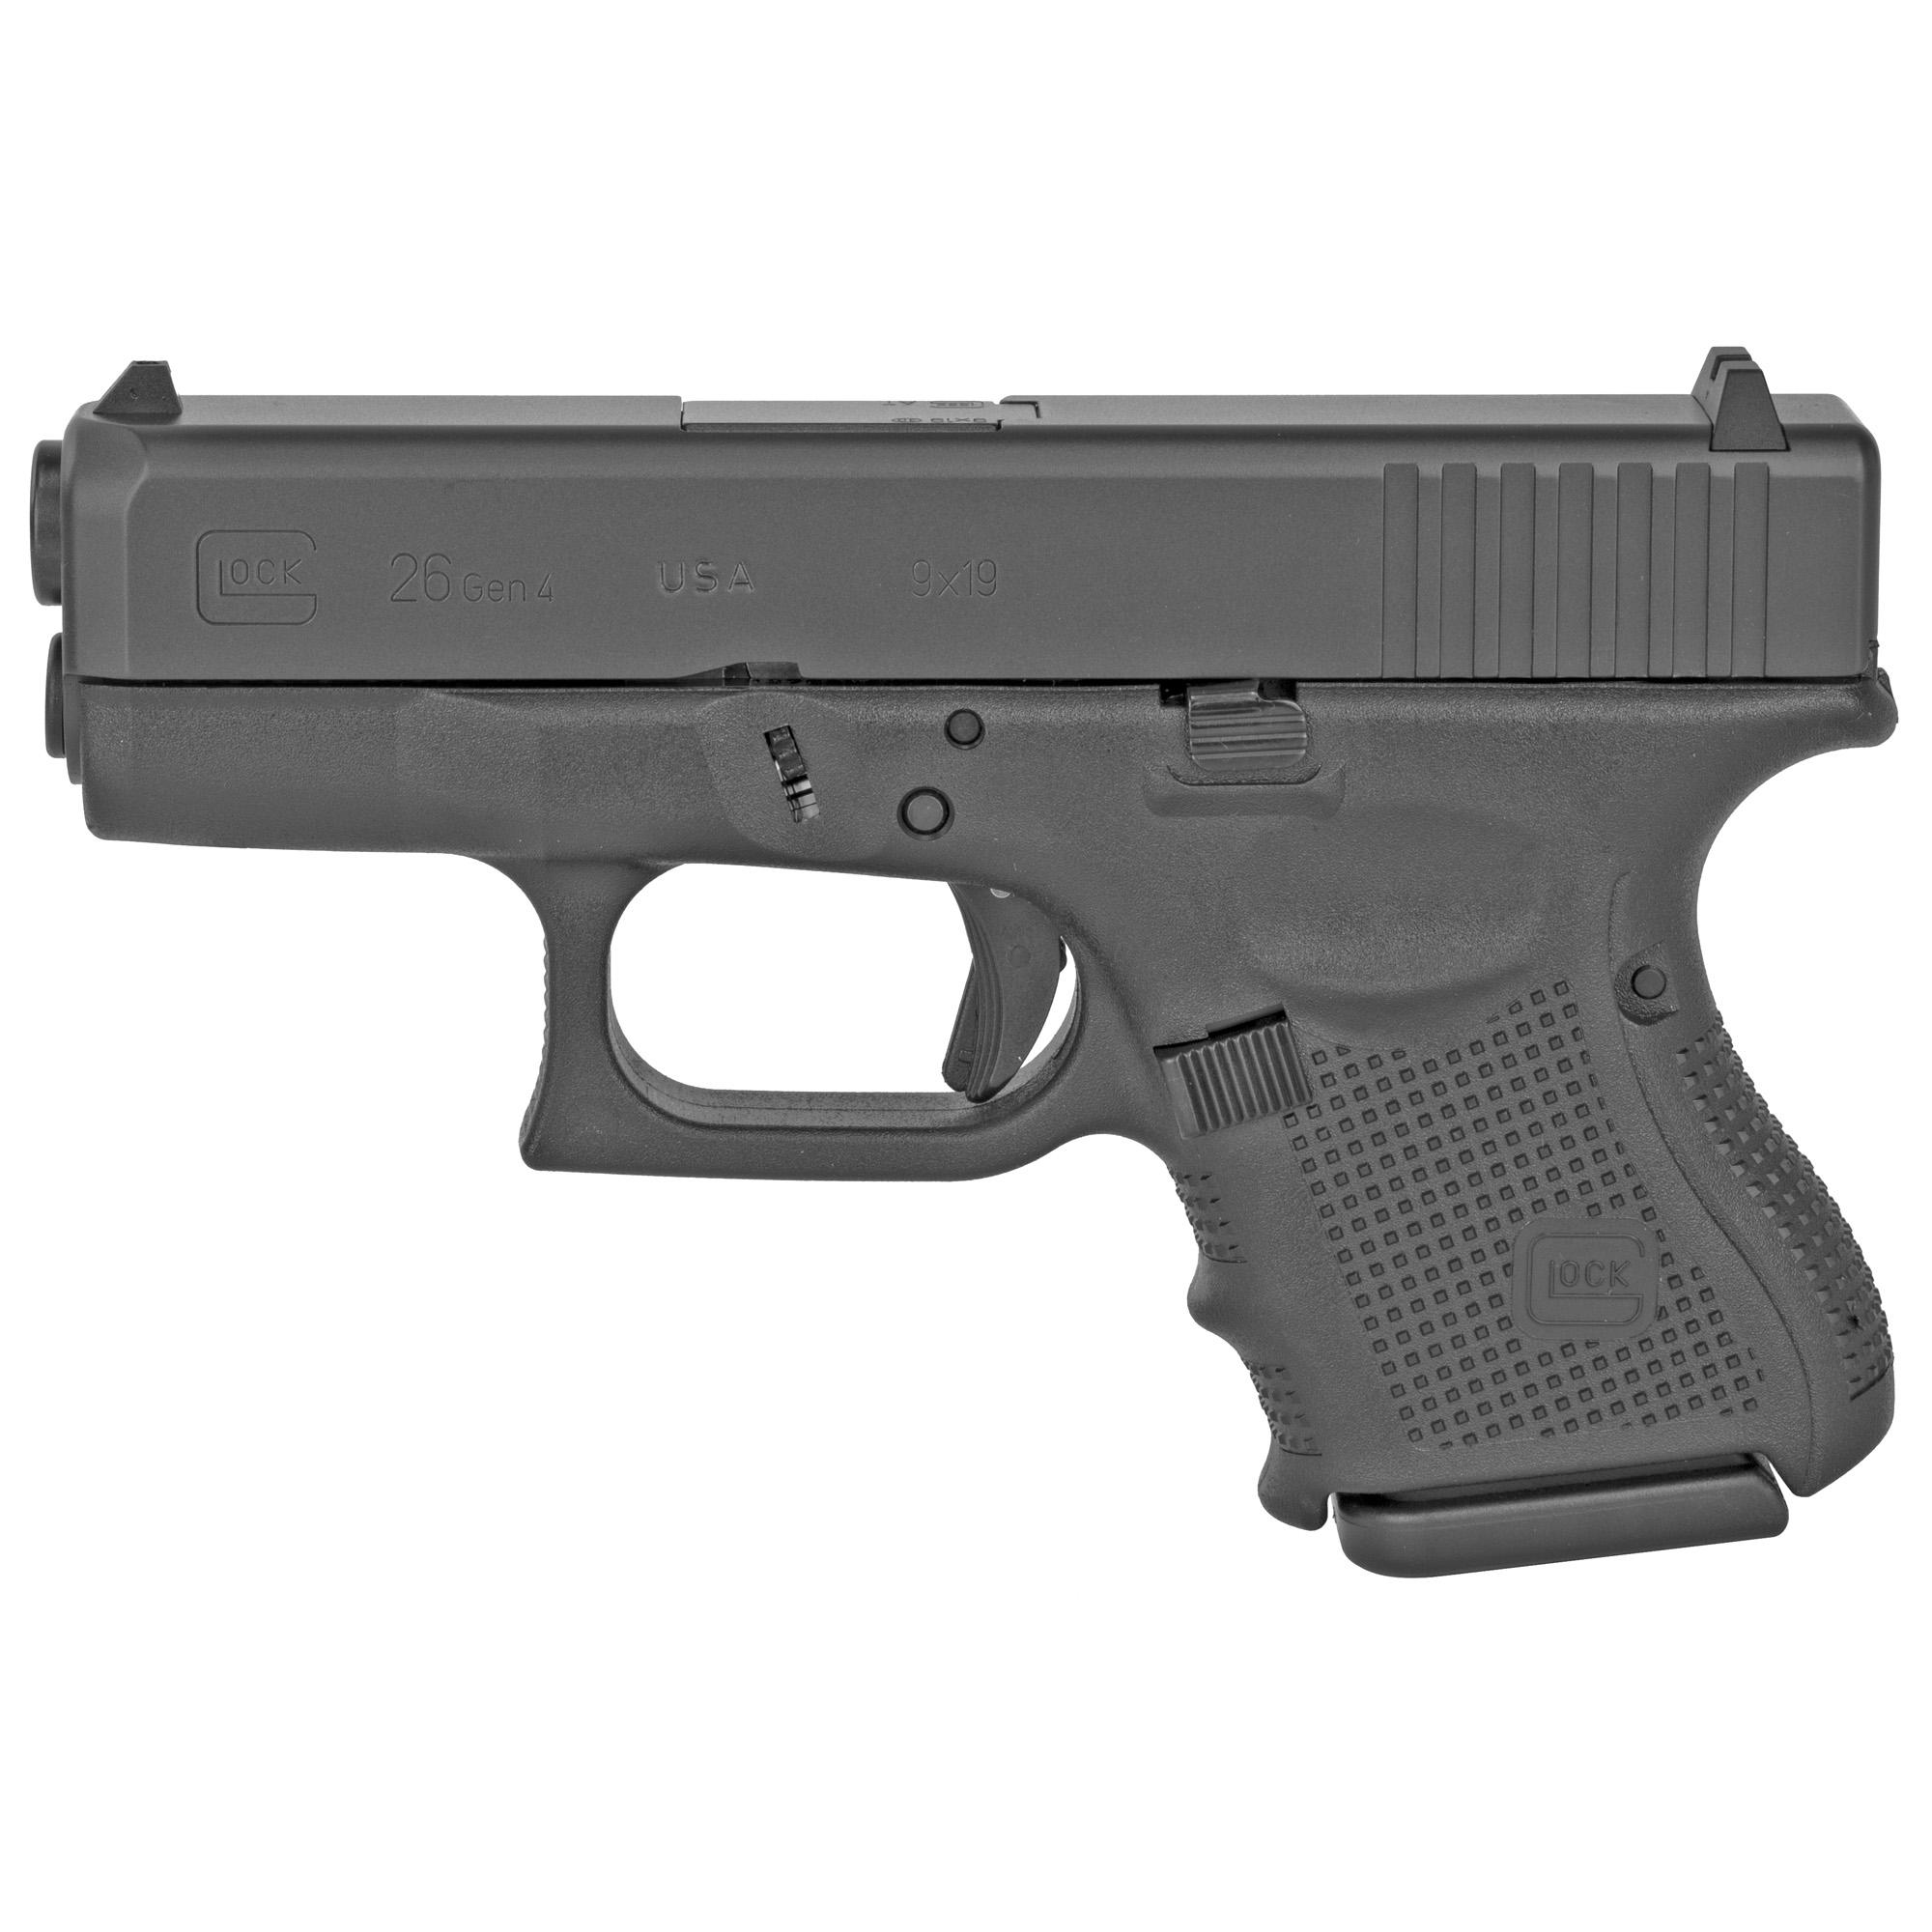 Glock 26 Gen4 9mm 10rd 3 Mags